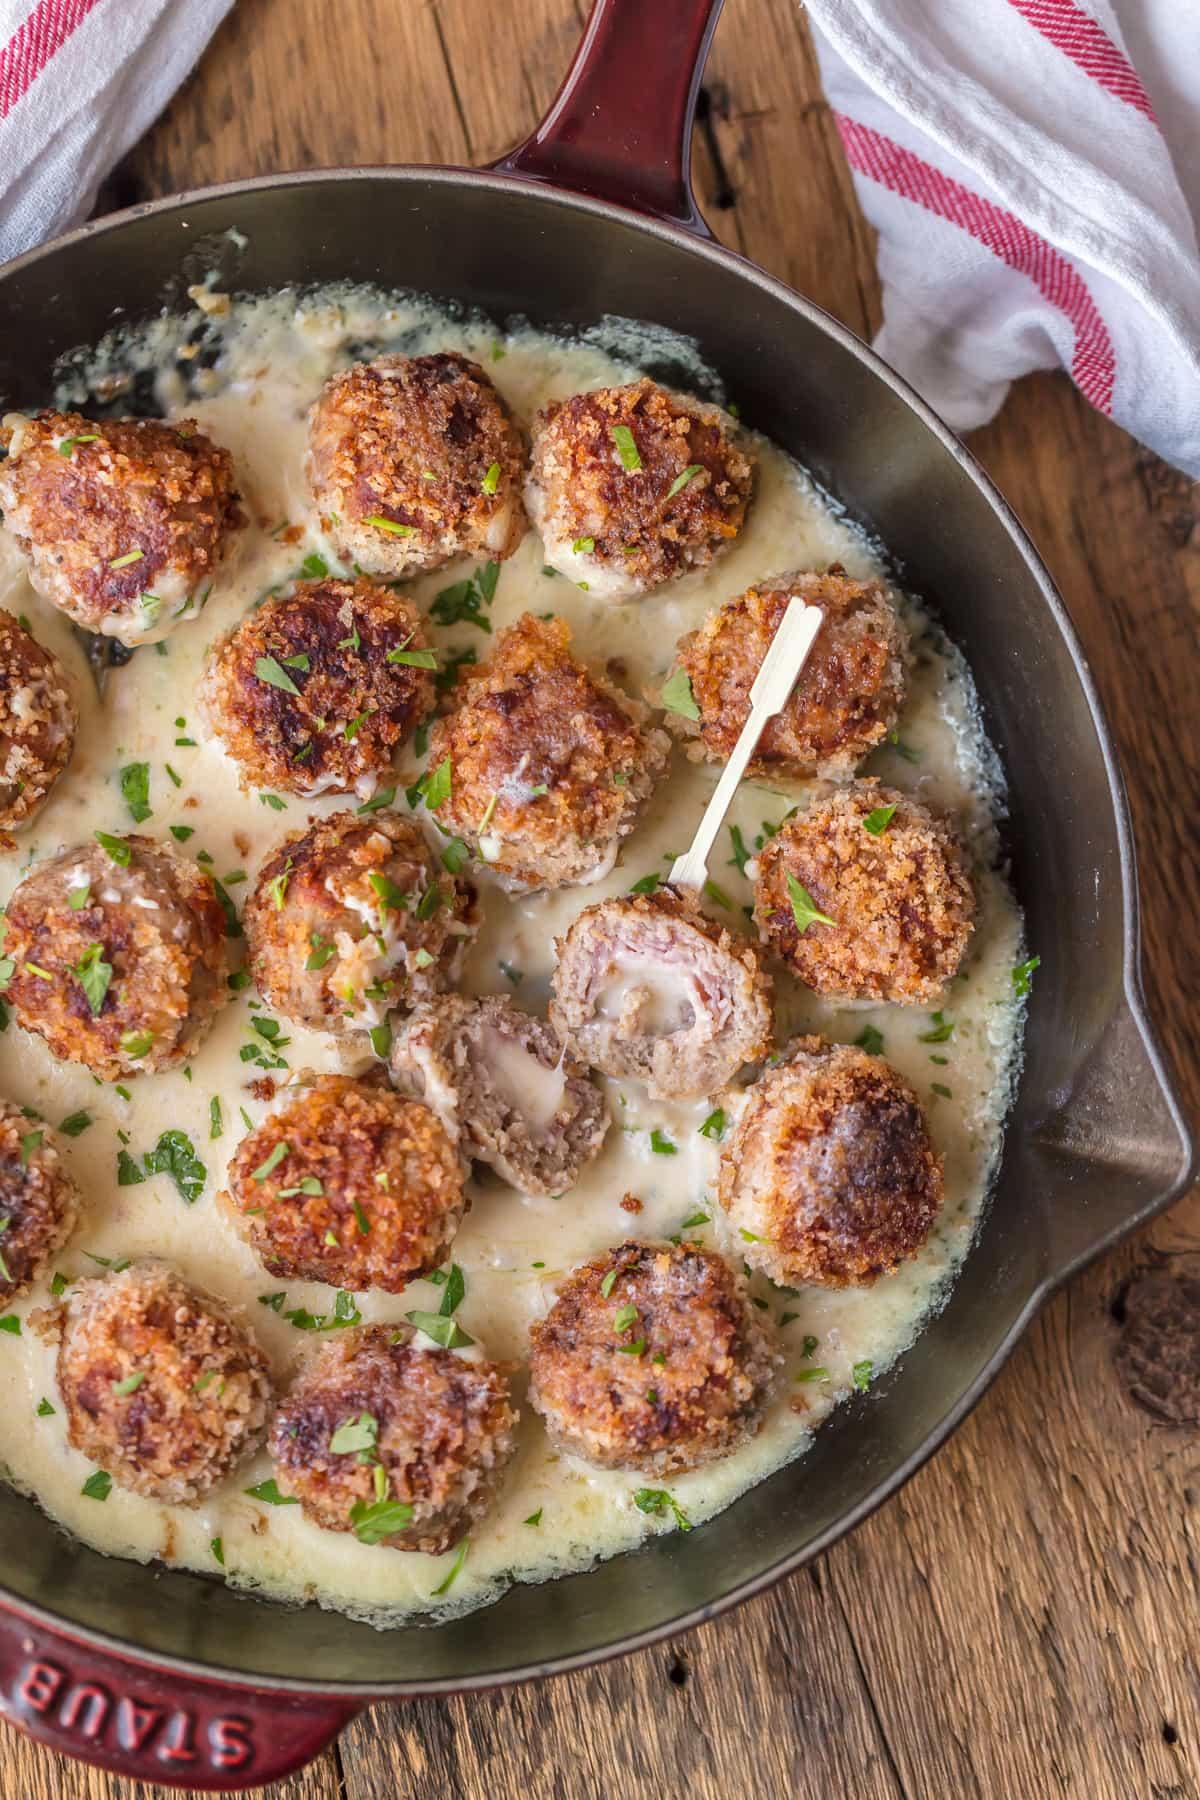 CHICKEN CORDON BLEU MEATBALLS, ¡el aperitivo navideño más increíble! Albóndigas de pollo rellenas de suizo y jamón y cocinadas en salsa de vino blanco. ¡Podría comer esto para cada comida!